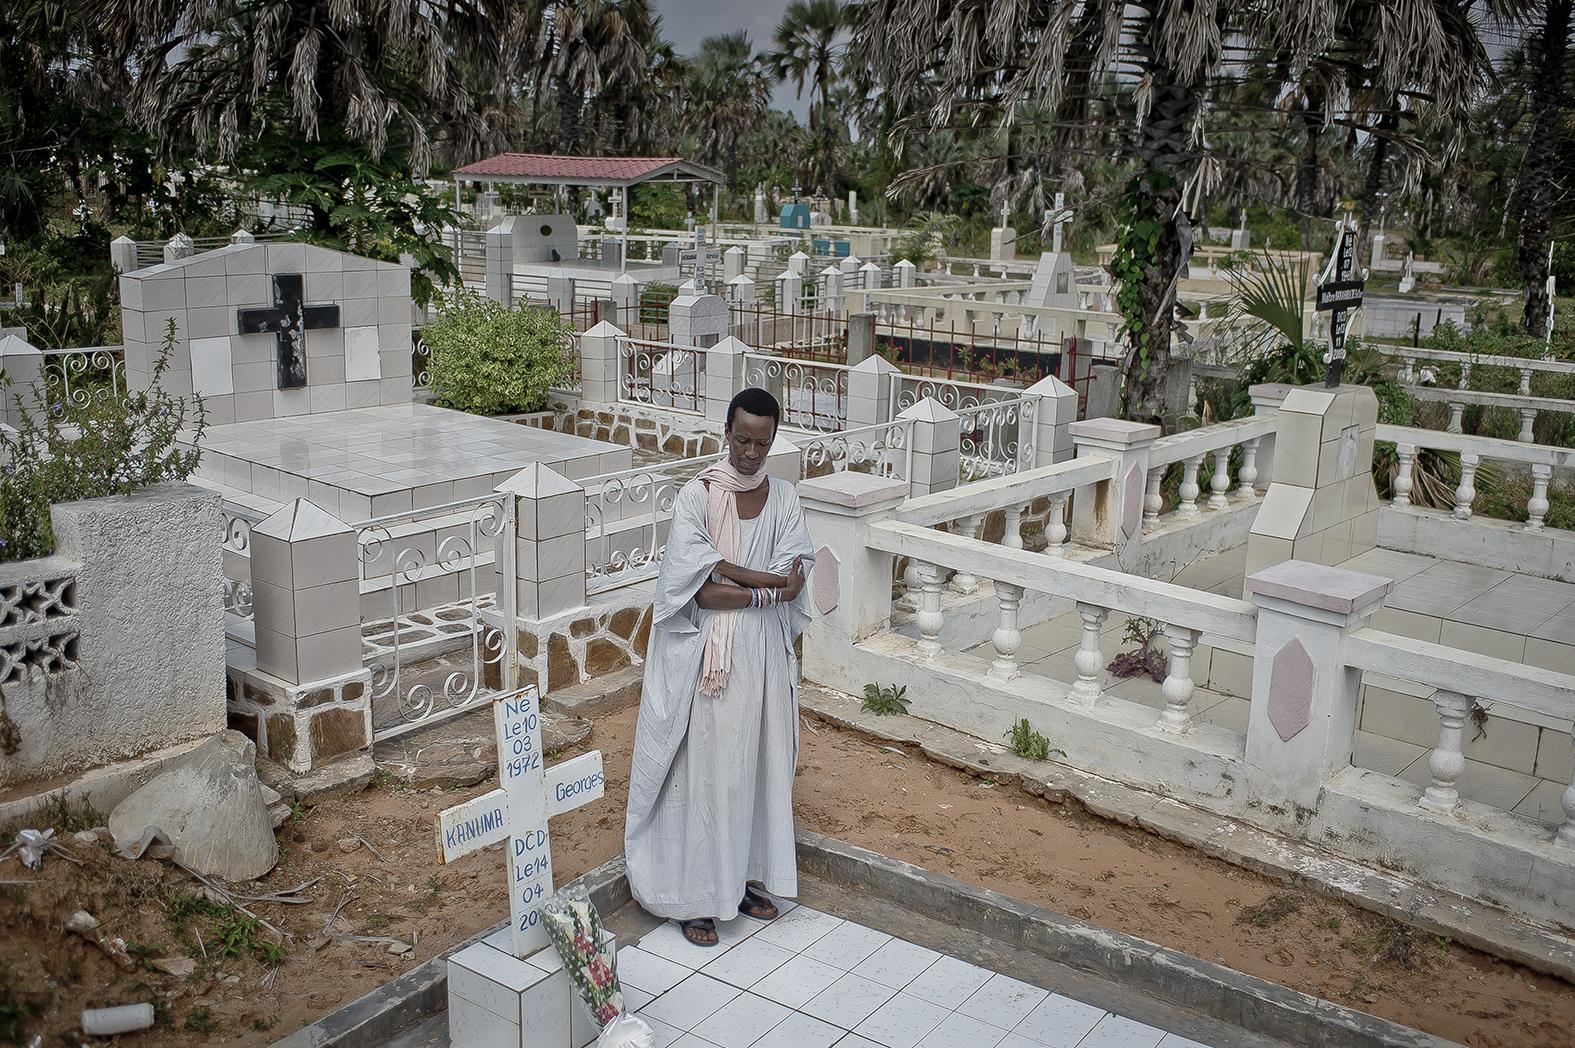 Yves dit Duchesse, un activiste de la communauté gay de Bujumbura se recueille sur la tombe de Georges Kanuma, ardent défenseur de la cause LGBTI décédé le 14 Avril 2010, à 38 ans. Il est un de ceux qui donna le courage à la majorité des gays burundais de sortir du placard.